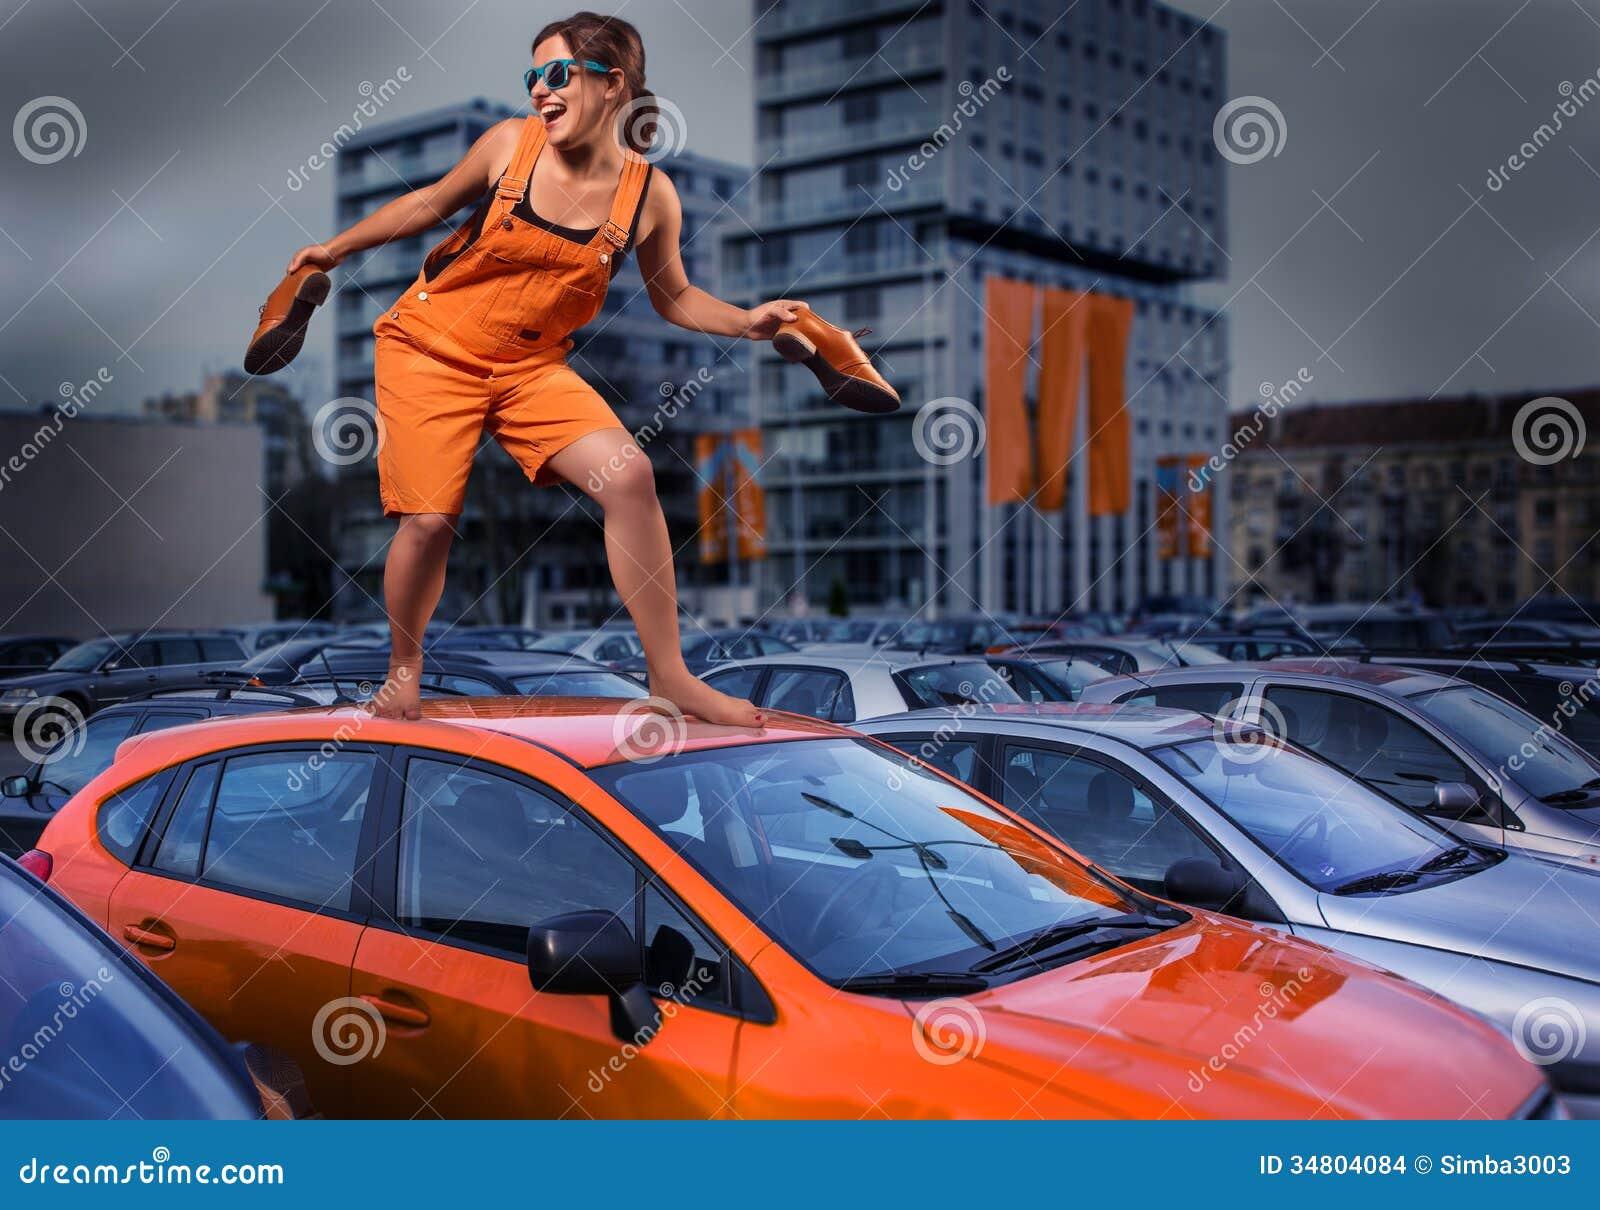 Εύθυμο μοντέρνο κορίτσι στις πορτοκαλιές φόρμες που στέκονται στη στέγη αυτοκινήτων στο χώρο στάθμευσης